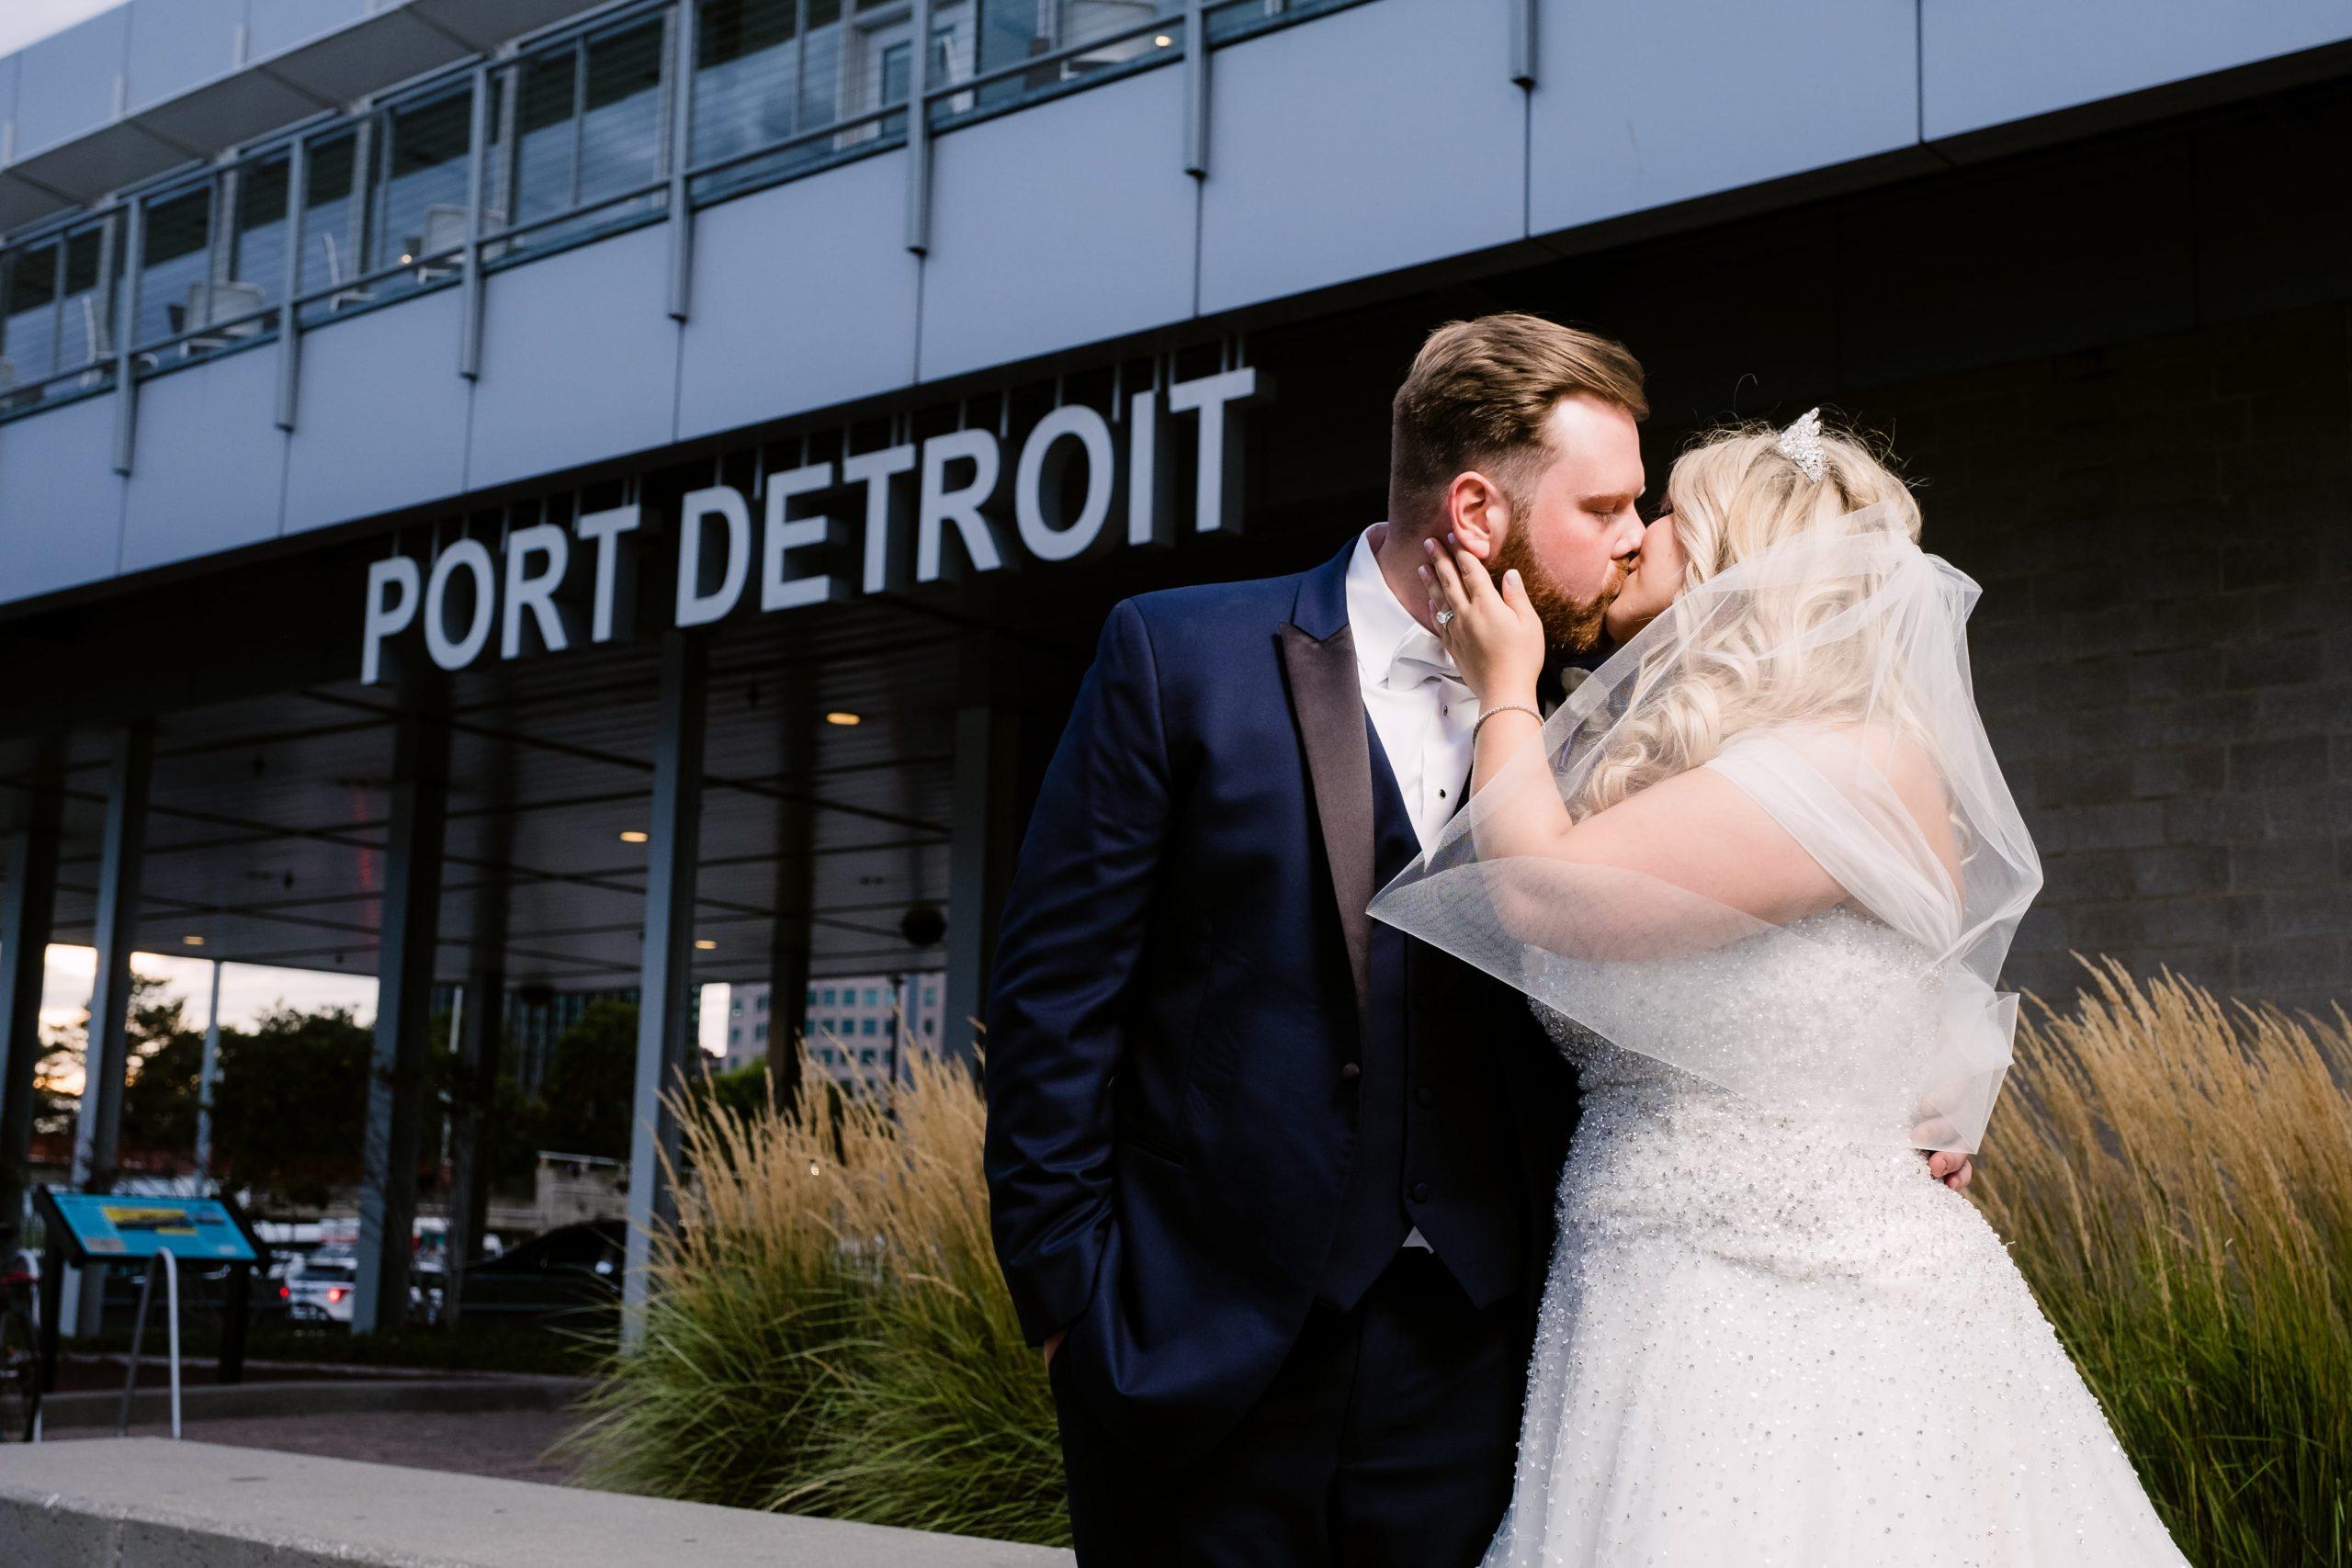 couple kissing outside port detroit